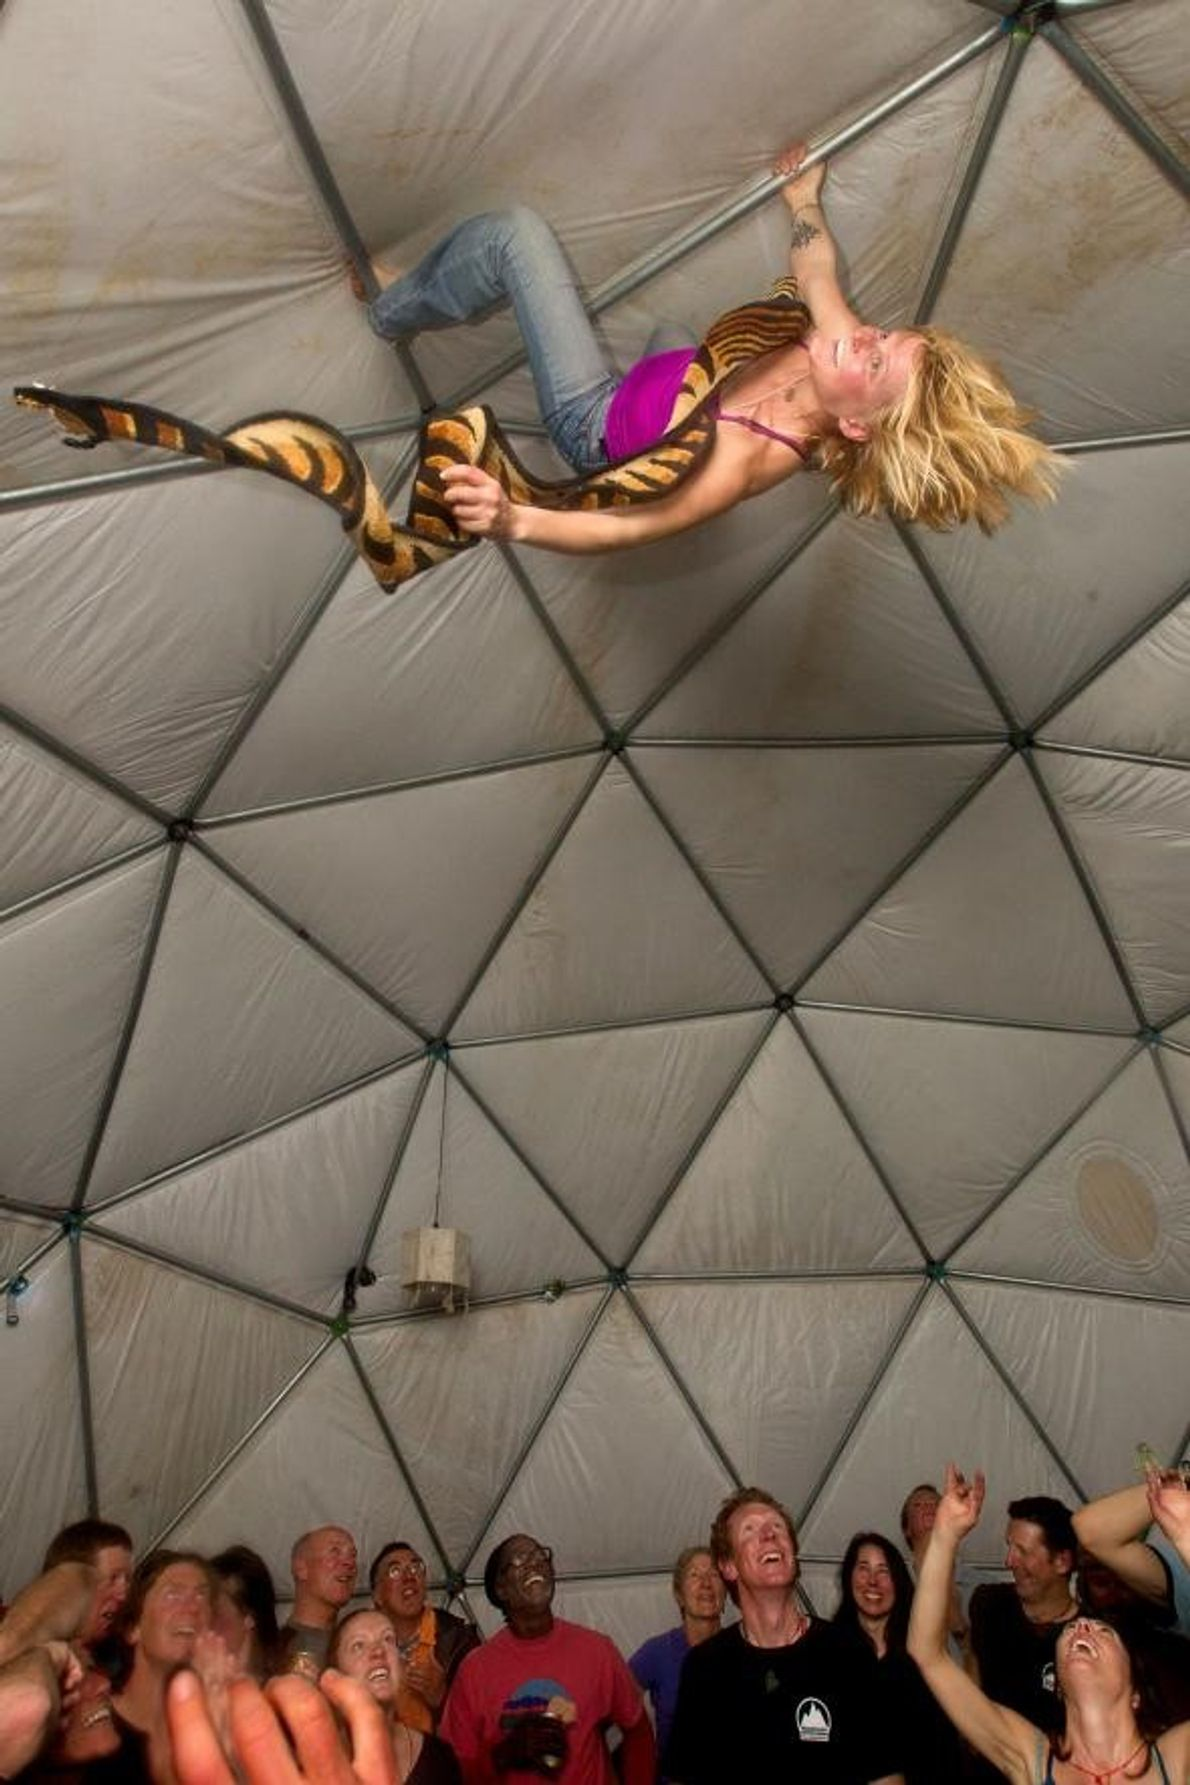 Une alpiniste démontre ses talents de grimpeuse sur la structure d'une tente lors d'une soirée au ...